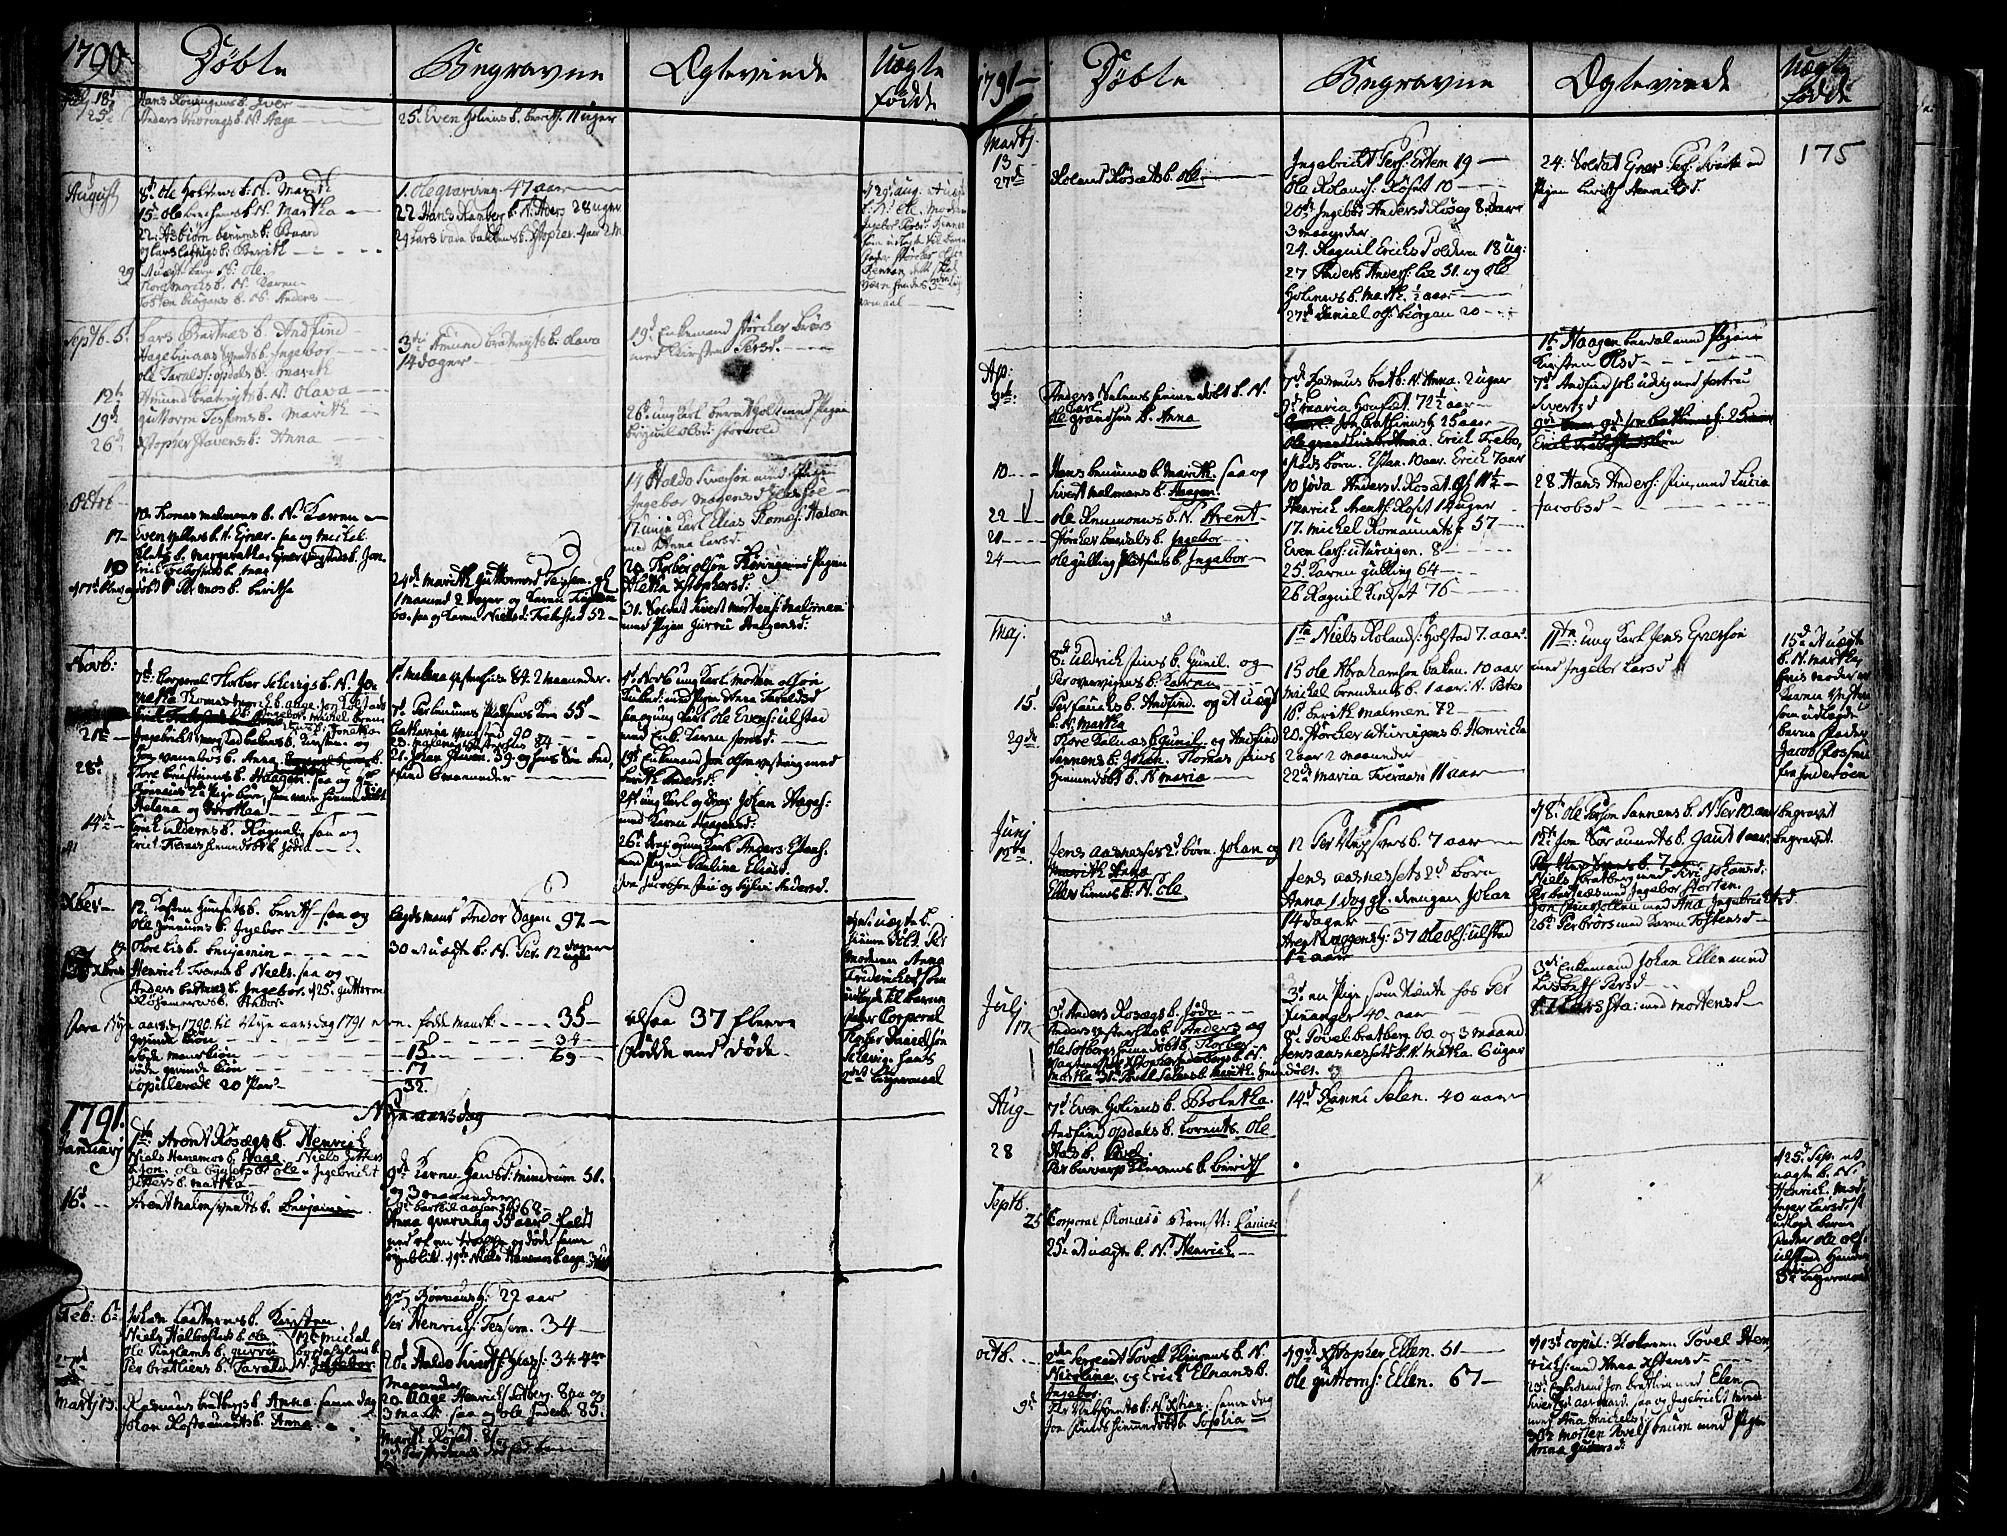 SAT, Ministerialprotokoller, klokkerbøker og fødselsregistre - Nord-Trøndelag, 741/L0385: Ministerialbok nr. 741A01, 1722-1815, s. 175